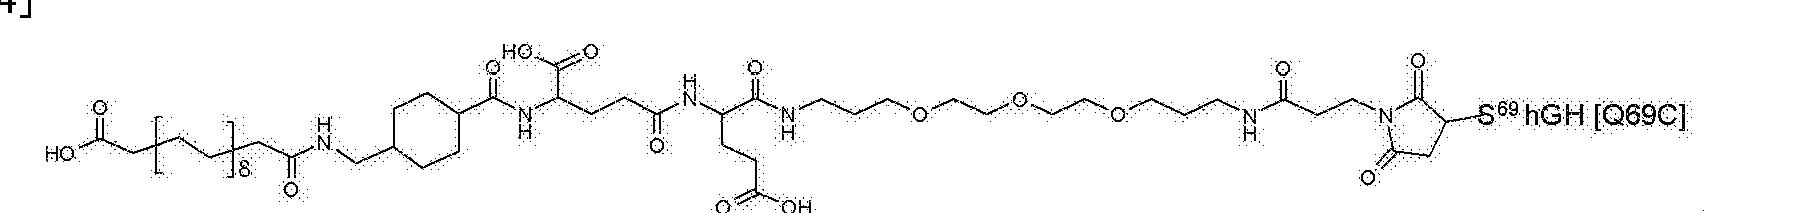 Figure CN103002918BD01322